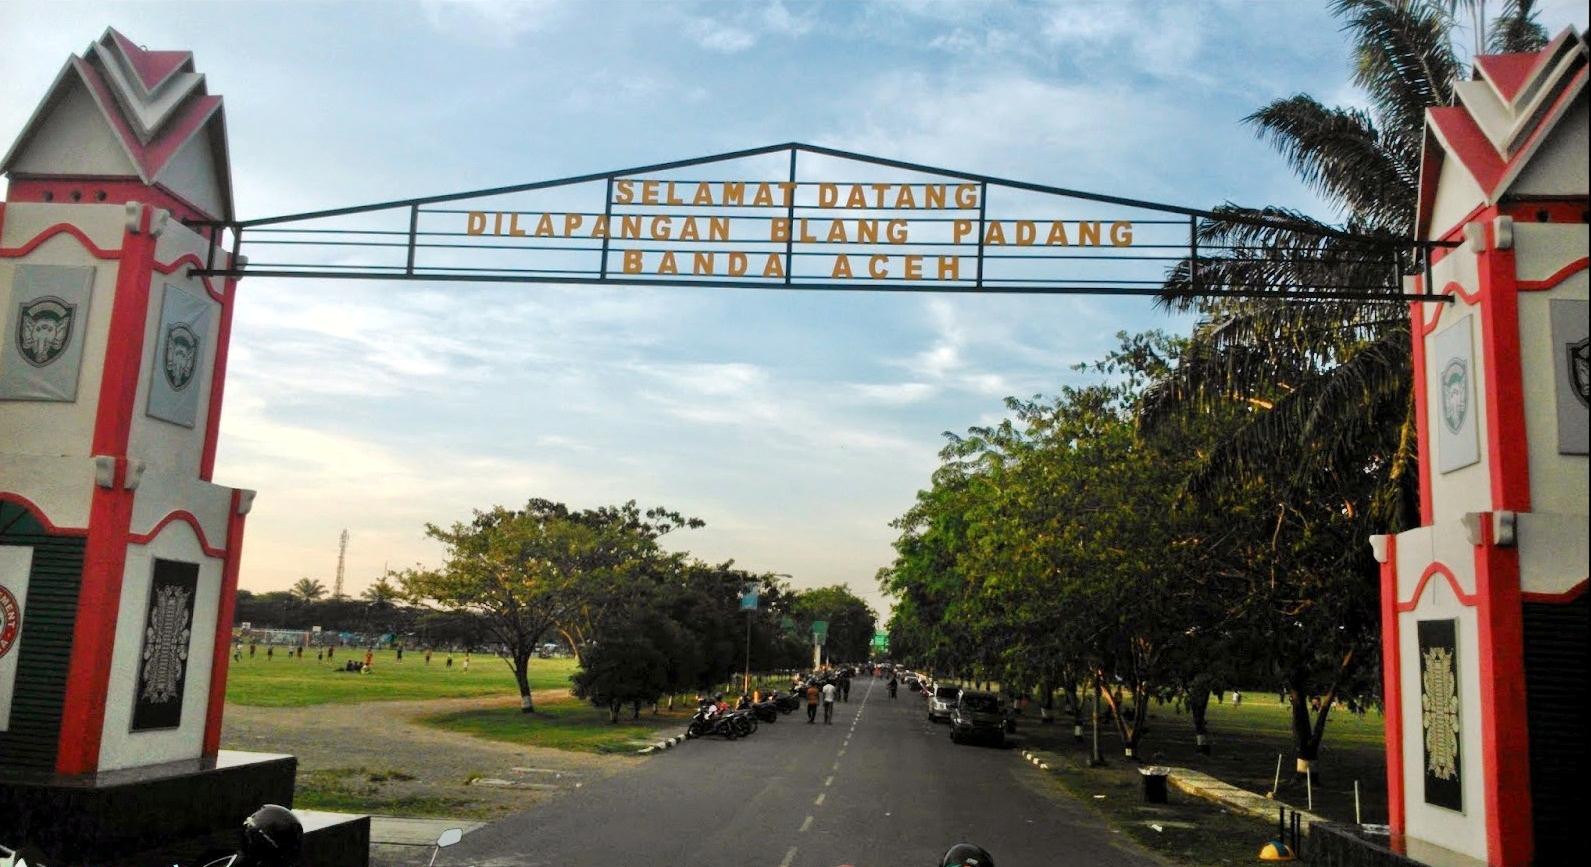 Pemerintah Aceh Panas Tahi Ayam Menyelesaikan Kasus Tanah Blang Padang